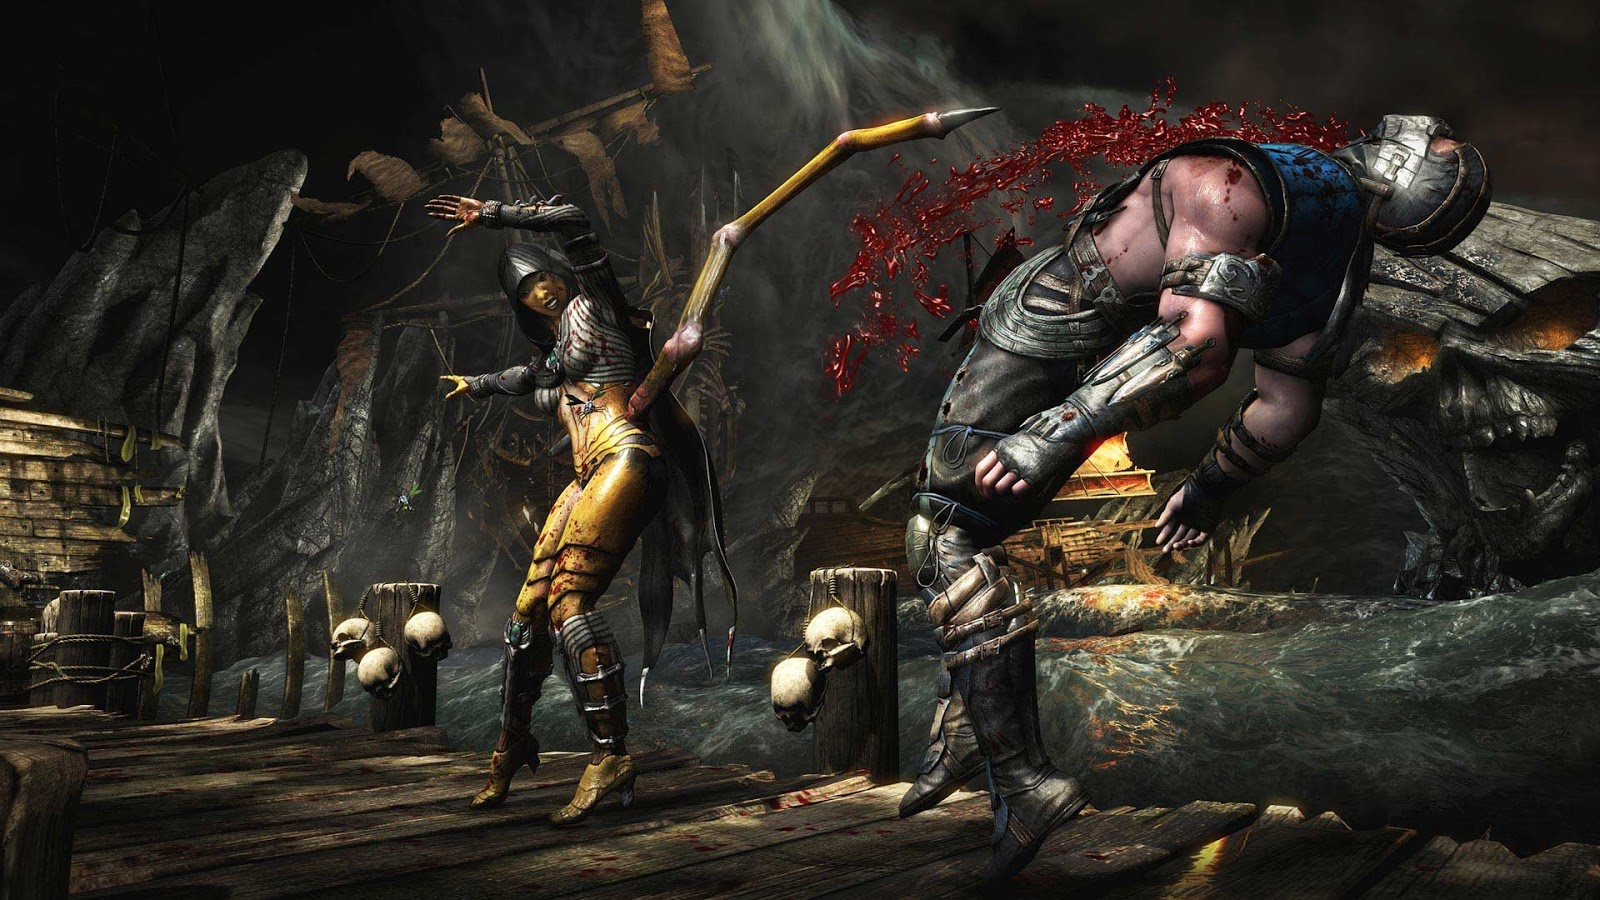 Download game Mortal Kombat X Full Crack